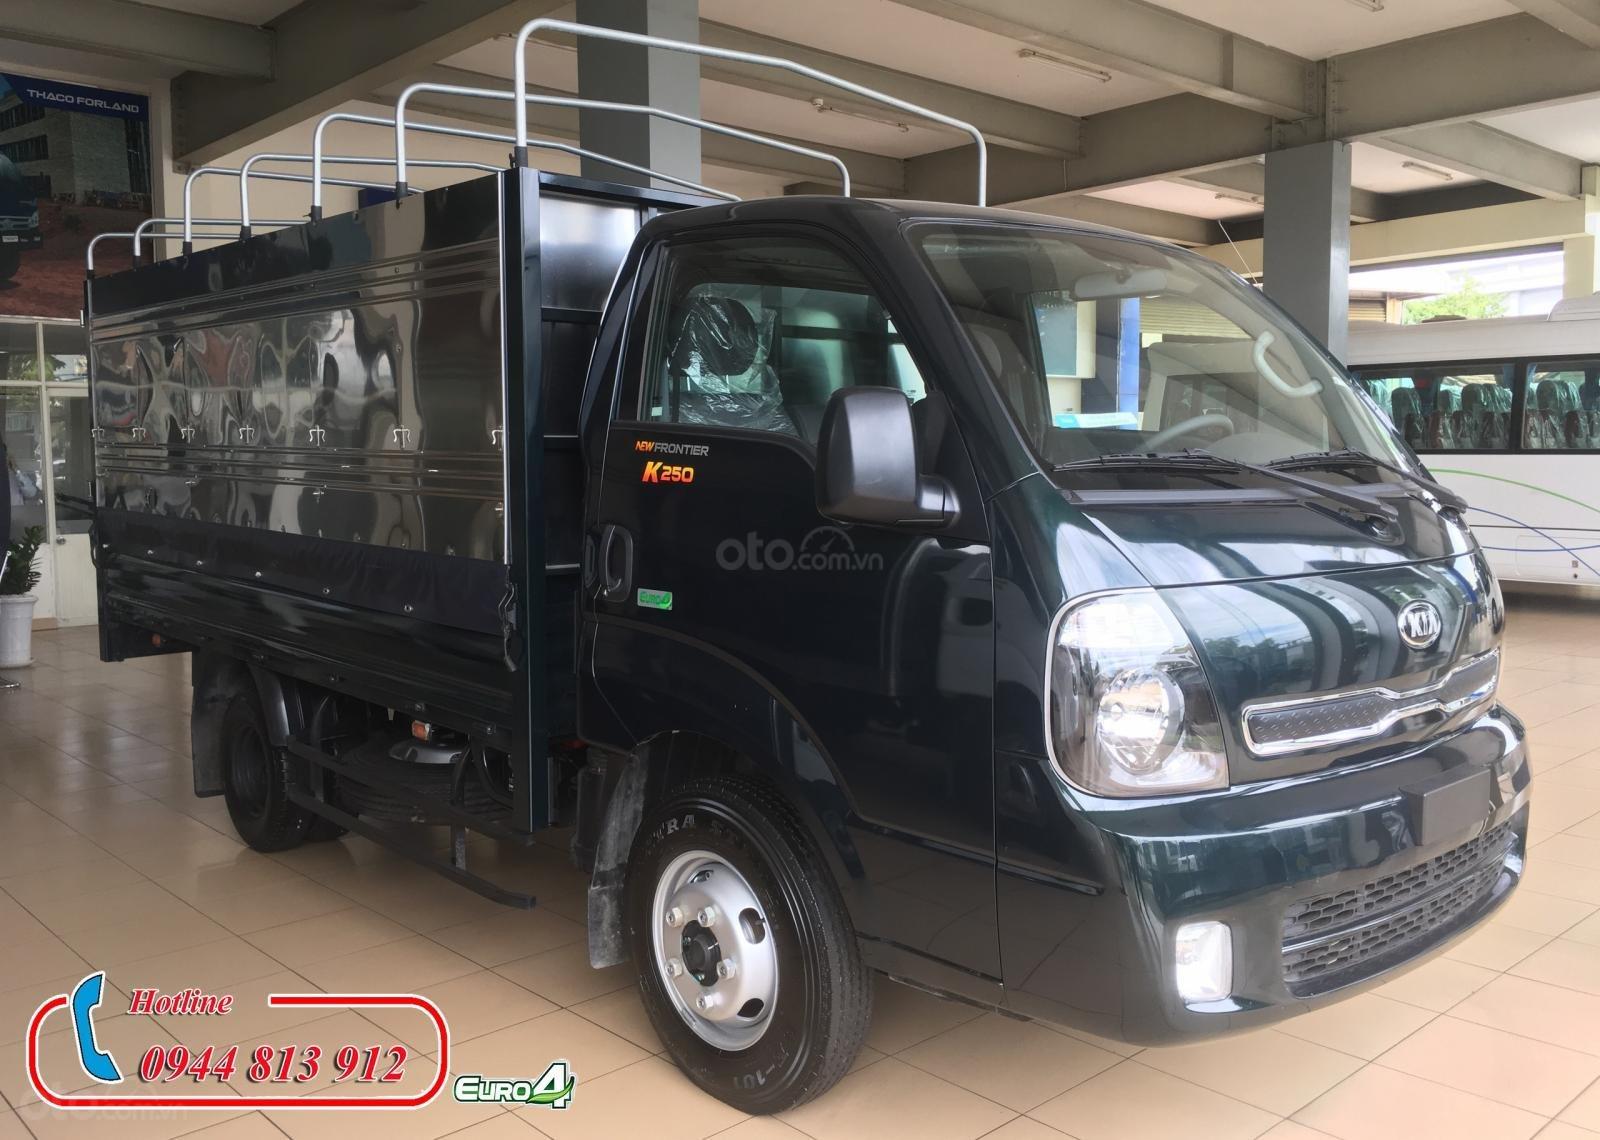 Bán Kia K250 động cơ Hyundai tải trọng 2.49 tấn, giá tốt tại Bình Dương, có hỗ trợ trả góp - LH: 0944.813.912 (2)